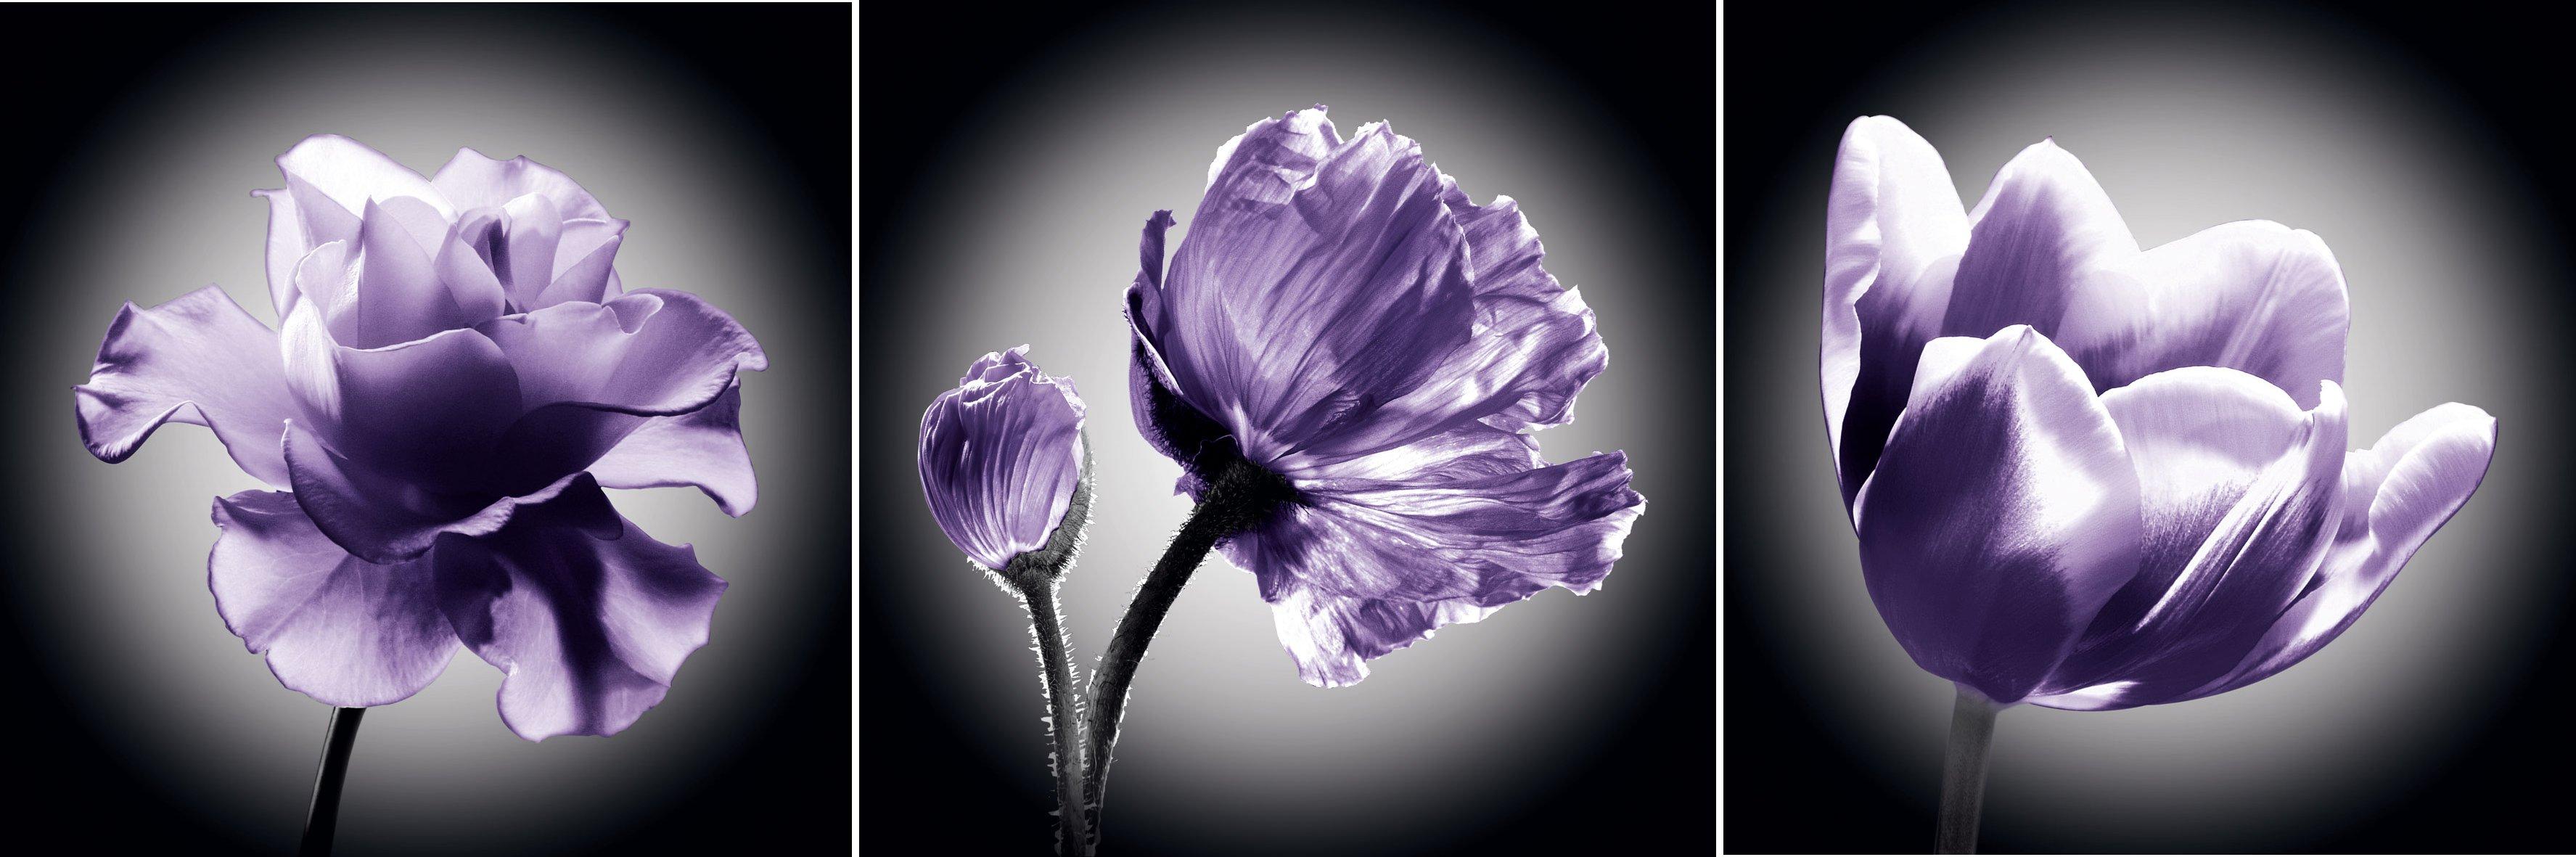 Blau Blühende Pflanzen Und Blumen Bestimmen – motelindio.info